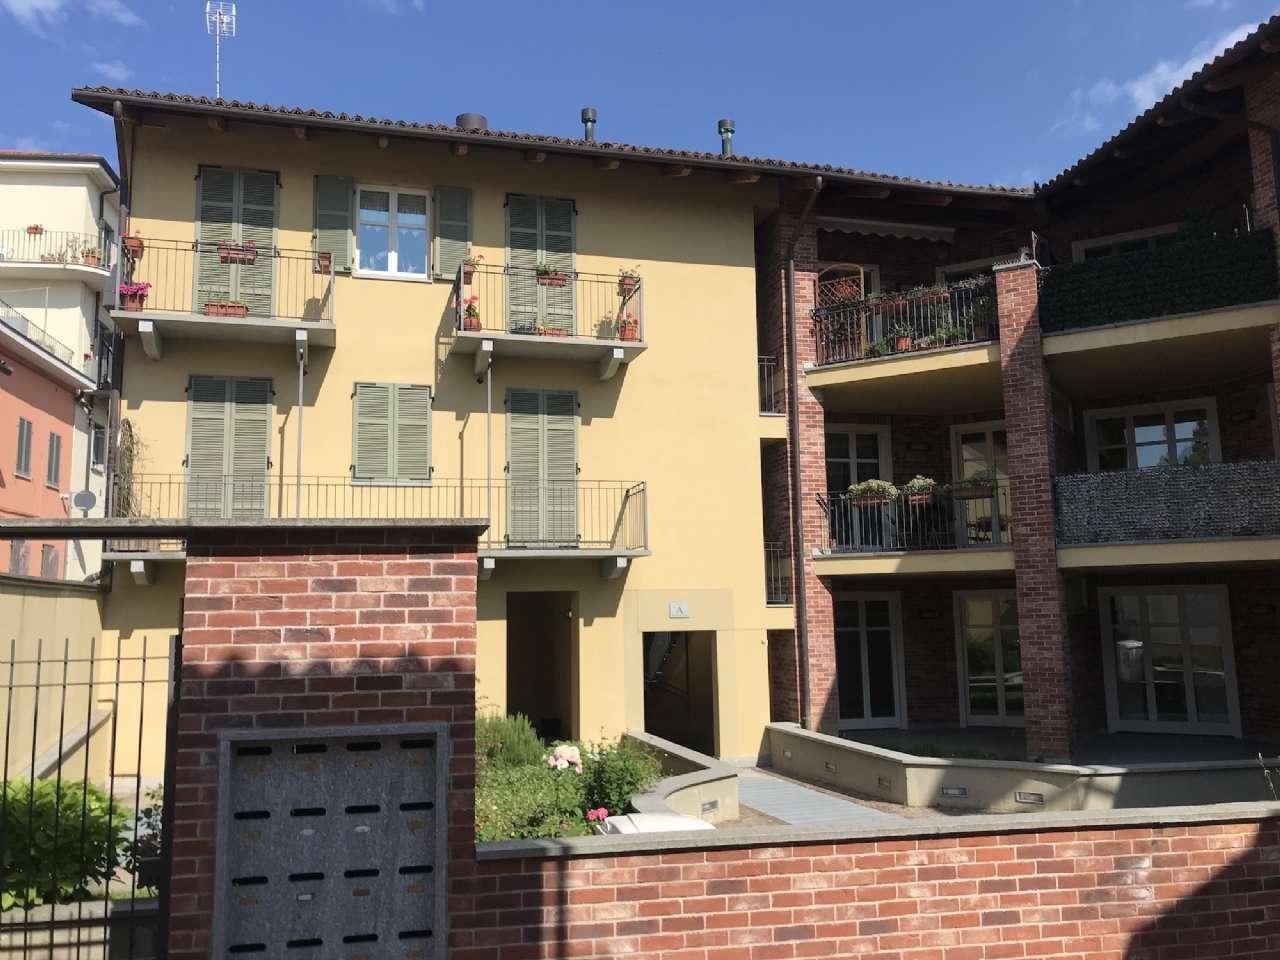 Appartamento in vendita a Chieri, 3 locali, prezzo € 147.000 | CambioCasa.it